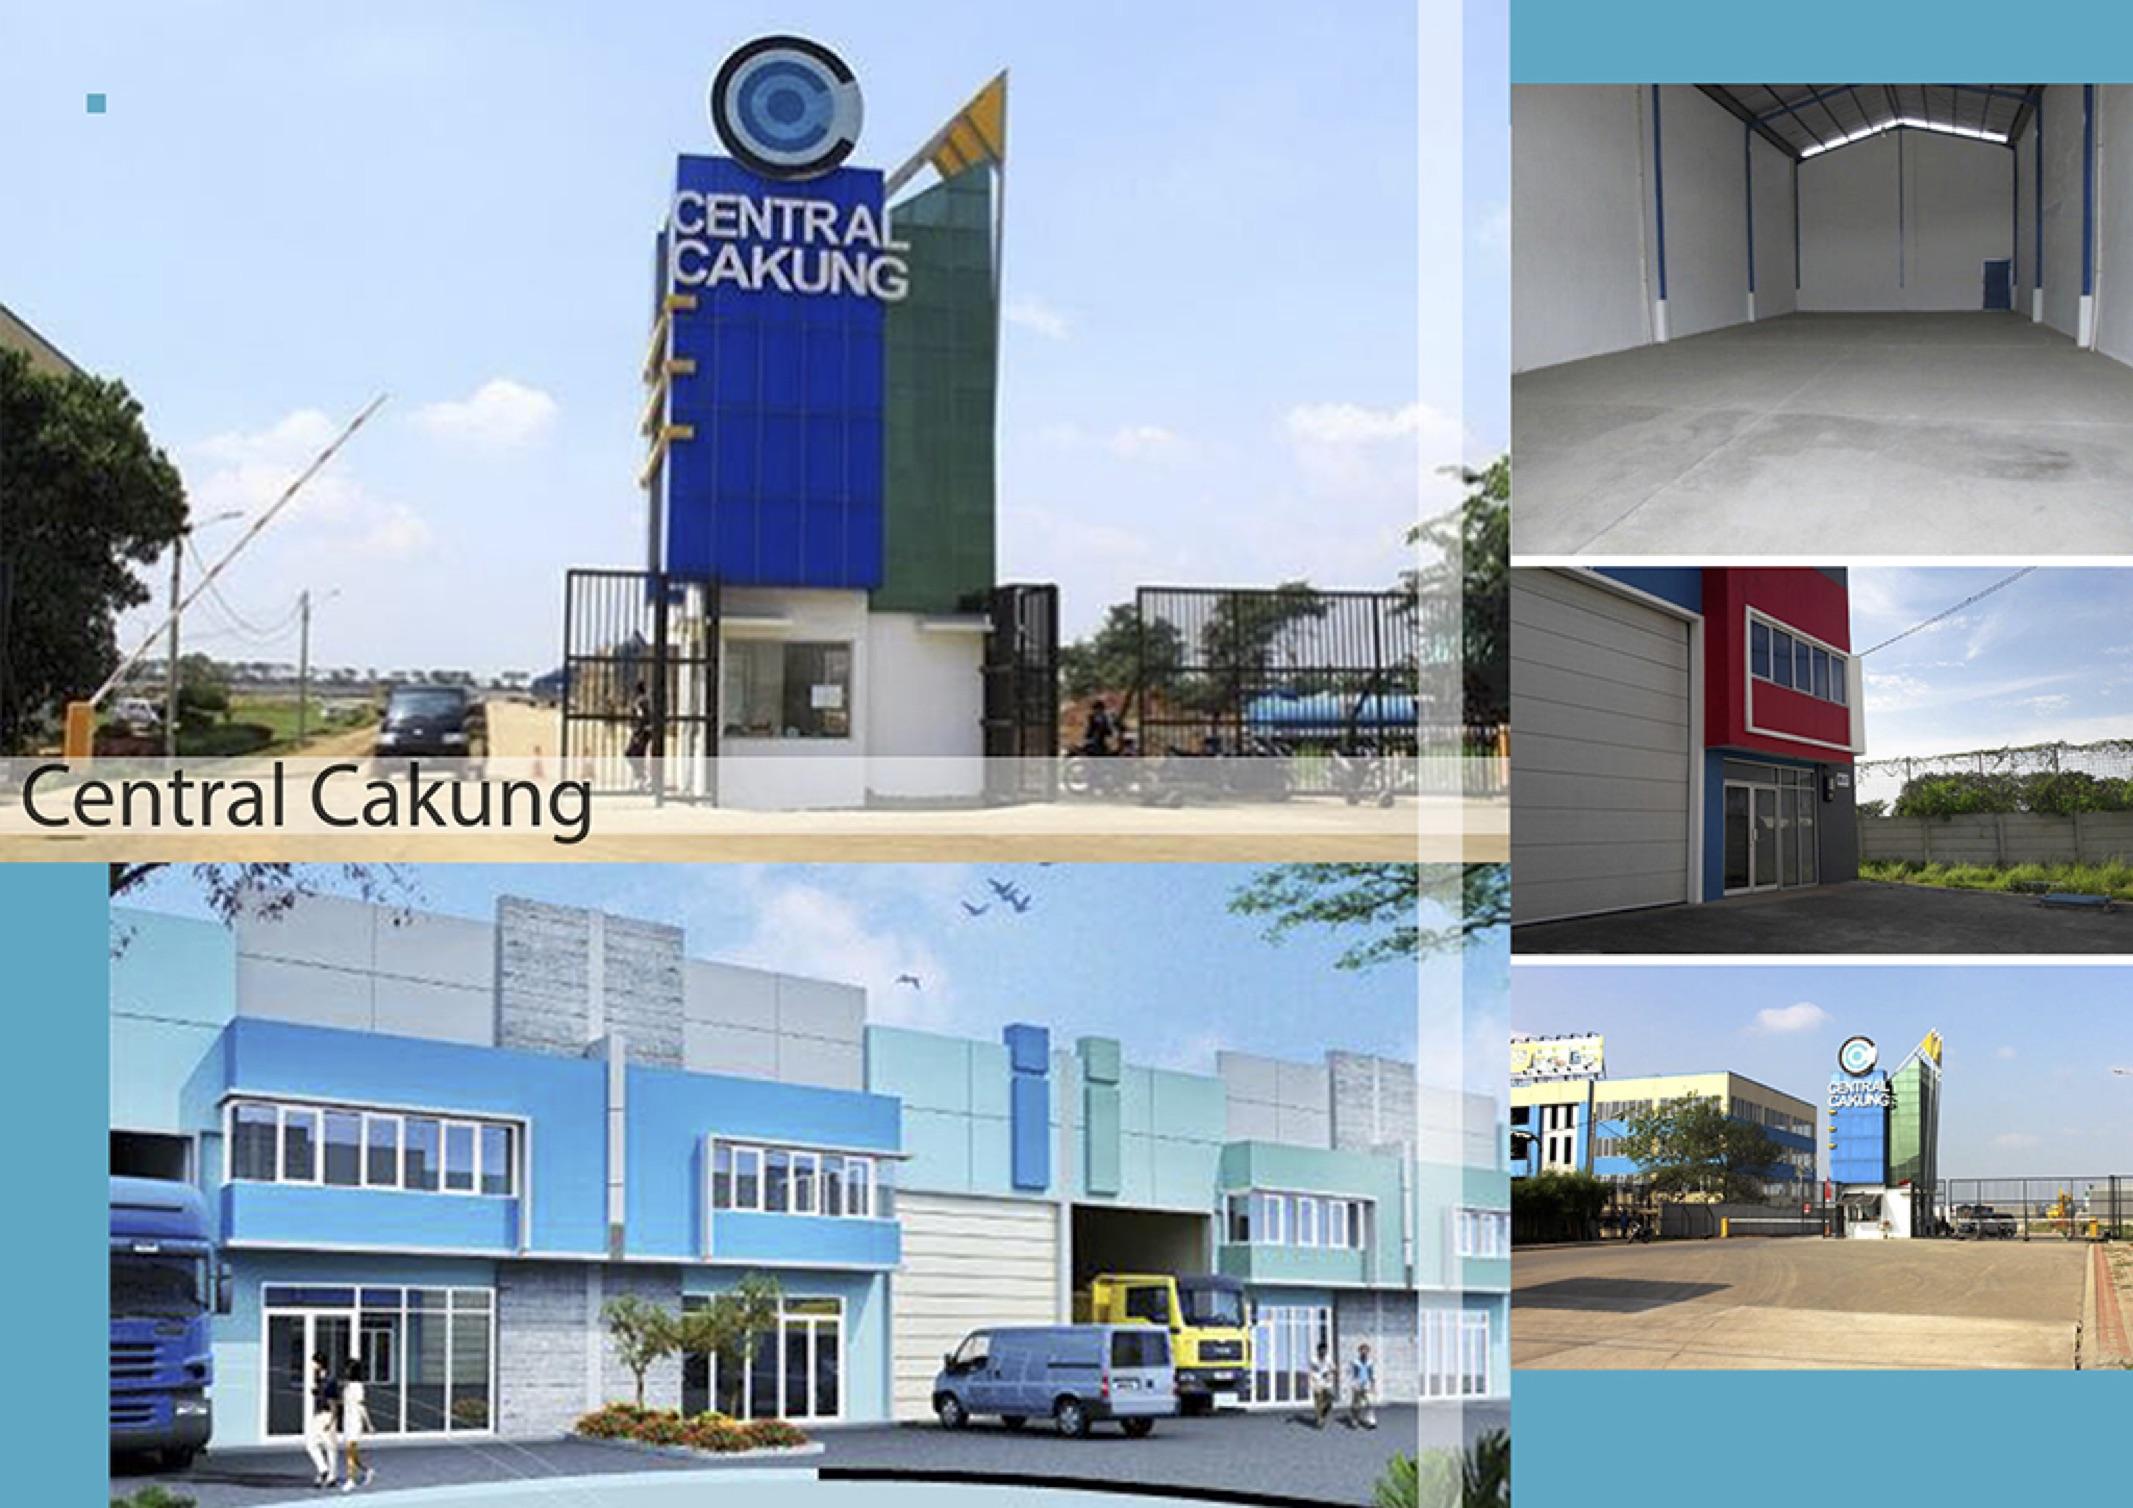 Dijual Gudang Central Cakung Harga Termurah Unit Hoek